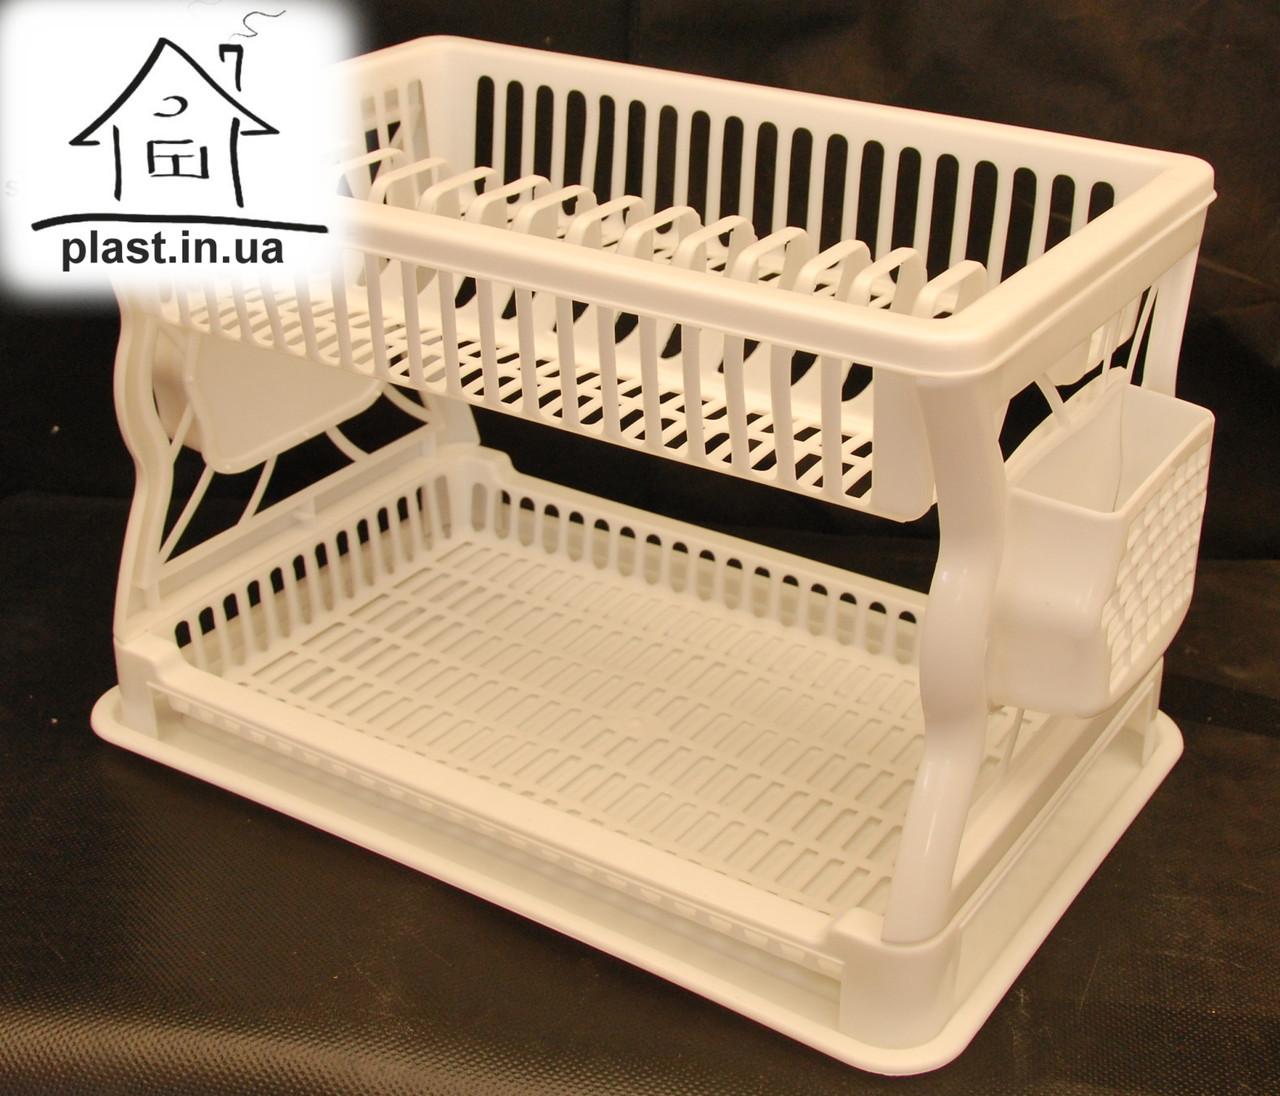 Пластиковая сушилка для посуды двухъярусная С018 белая